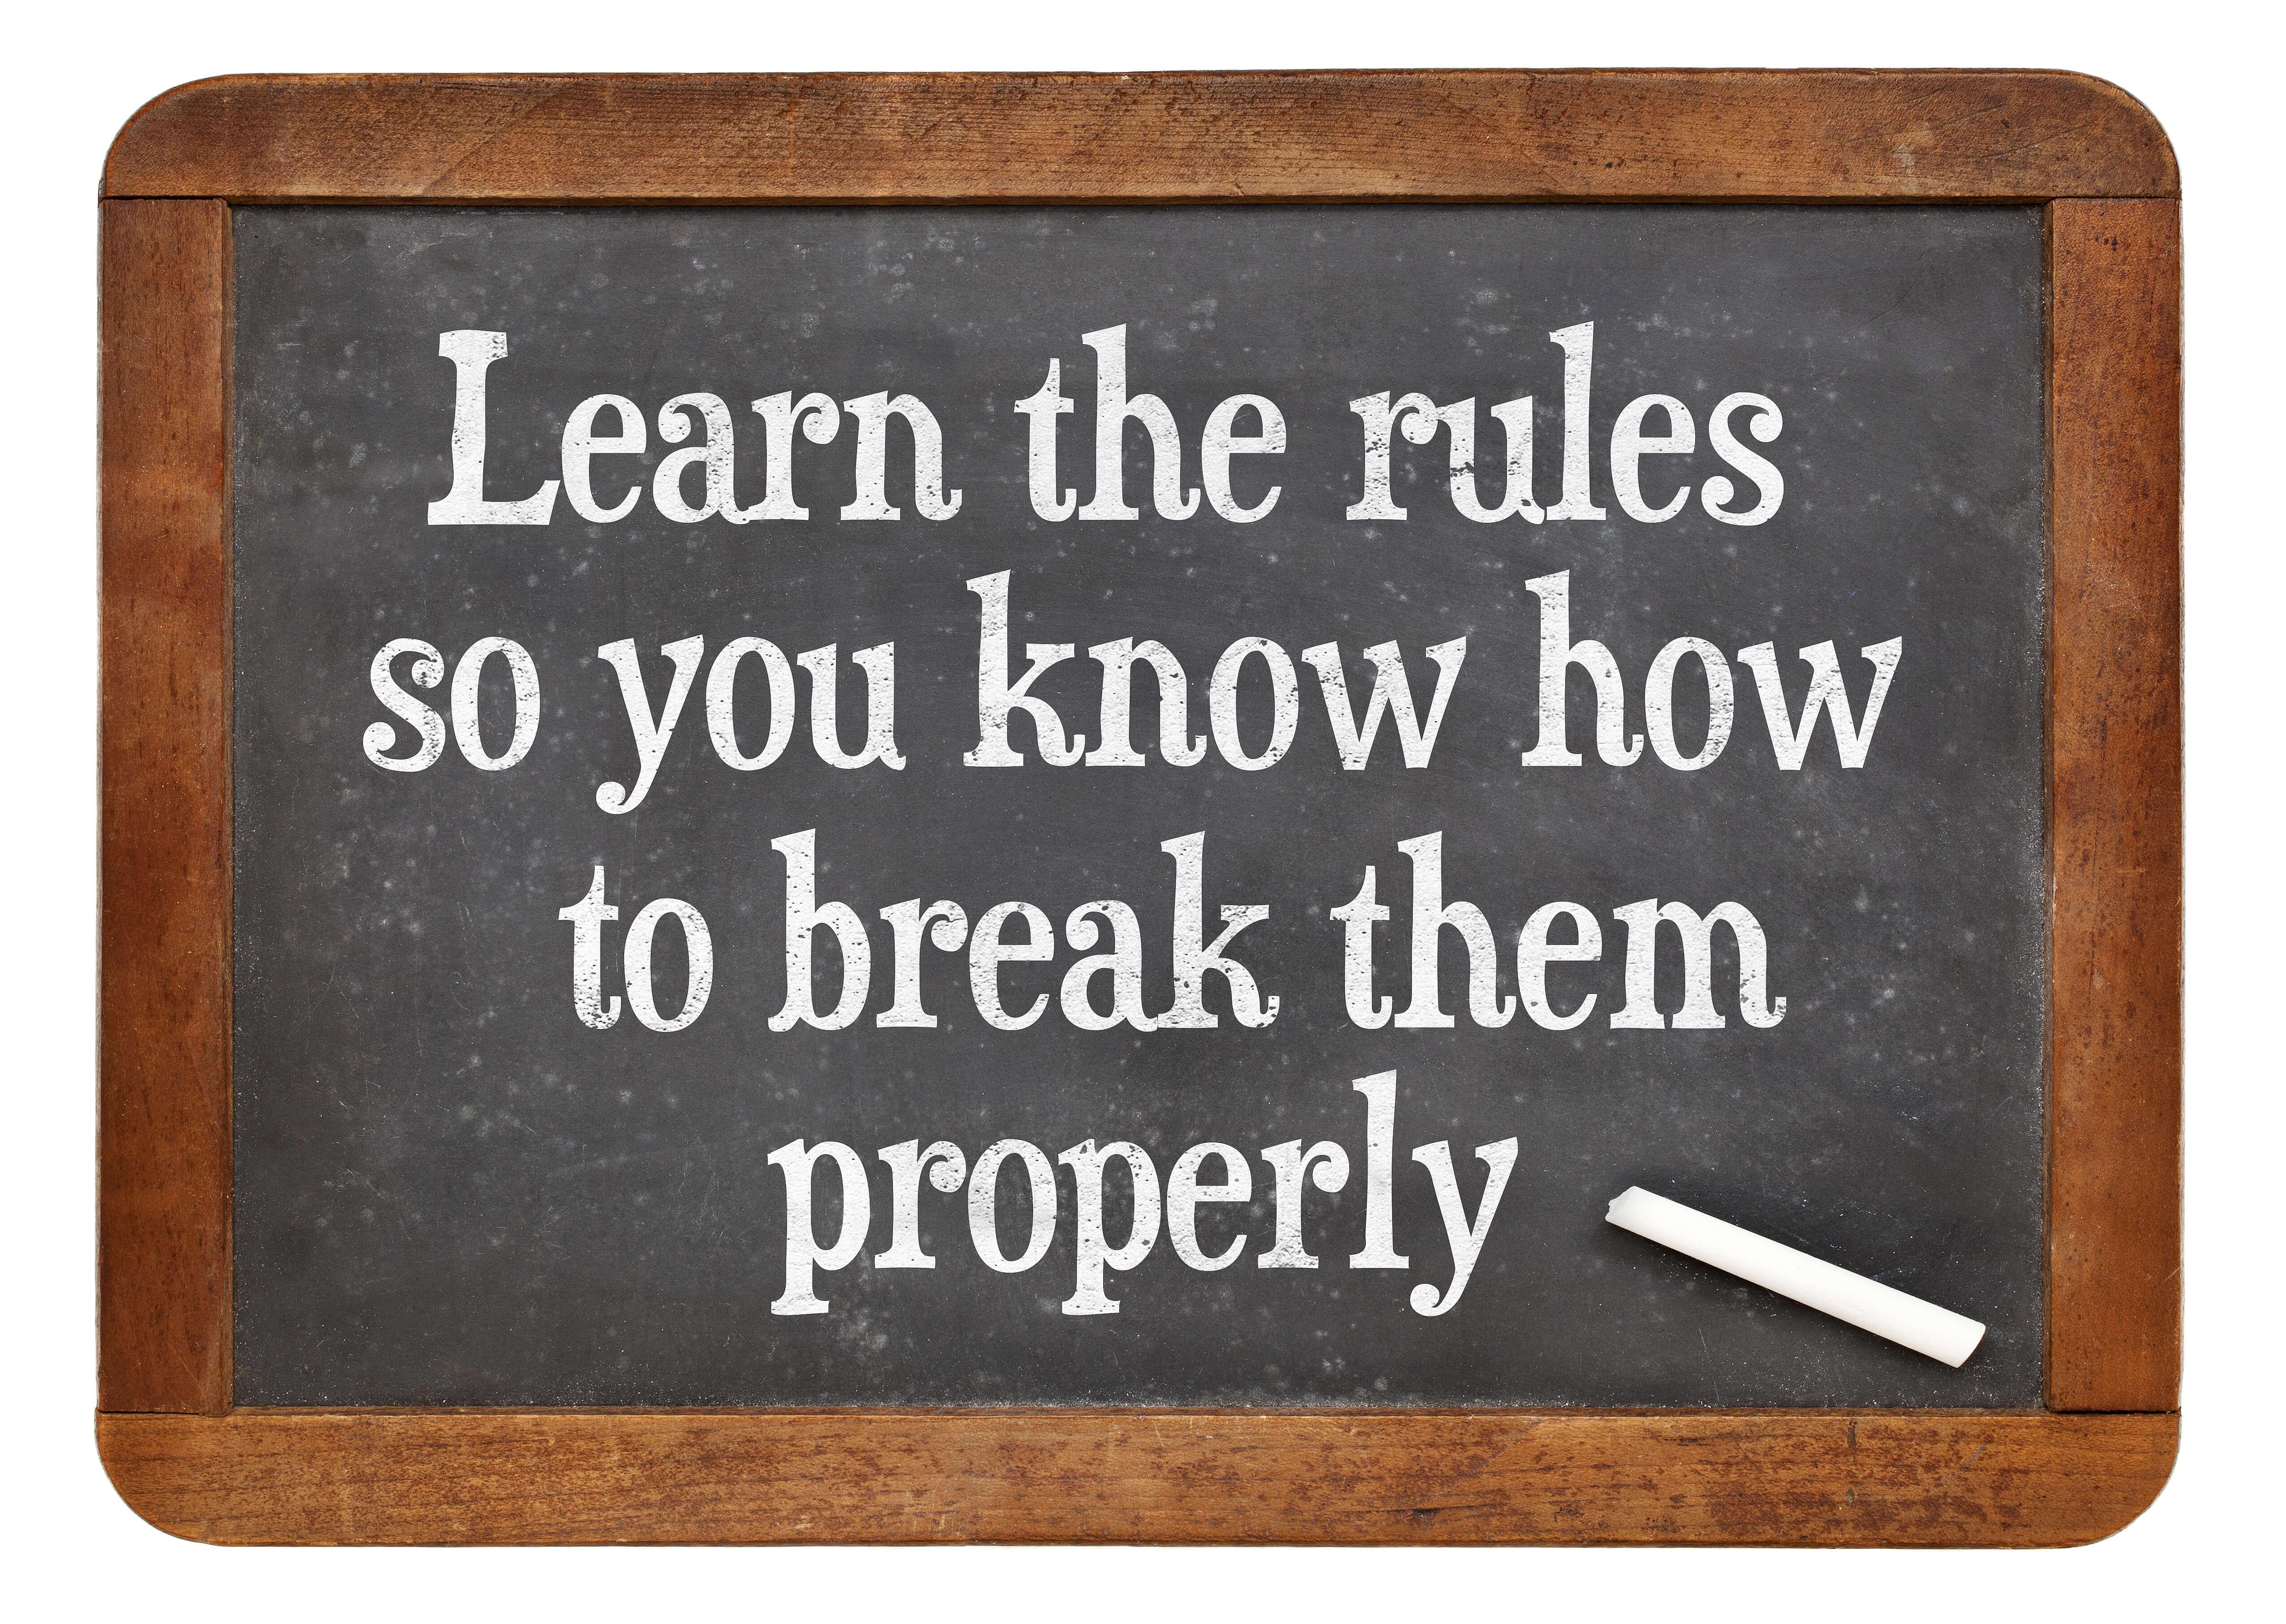 Wykorzystujesz to motto w swoich działaniach dla klientów - wykorzystaj je także dla dobra swojej kancelarii!